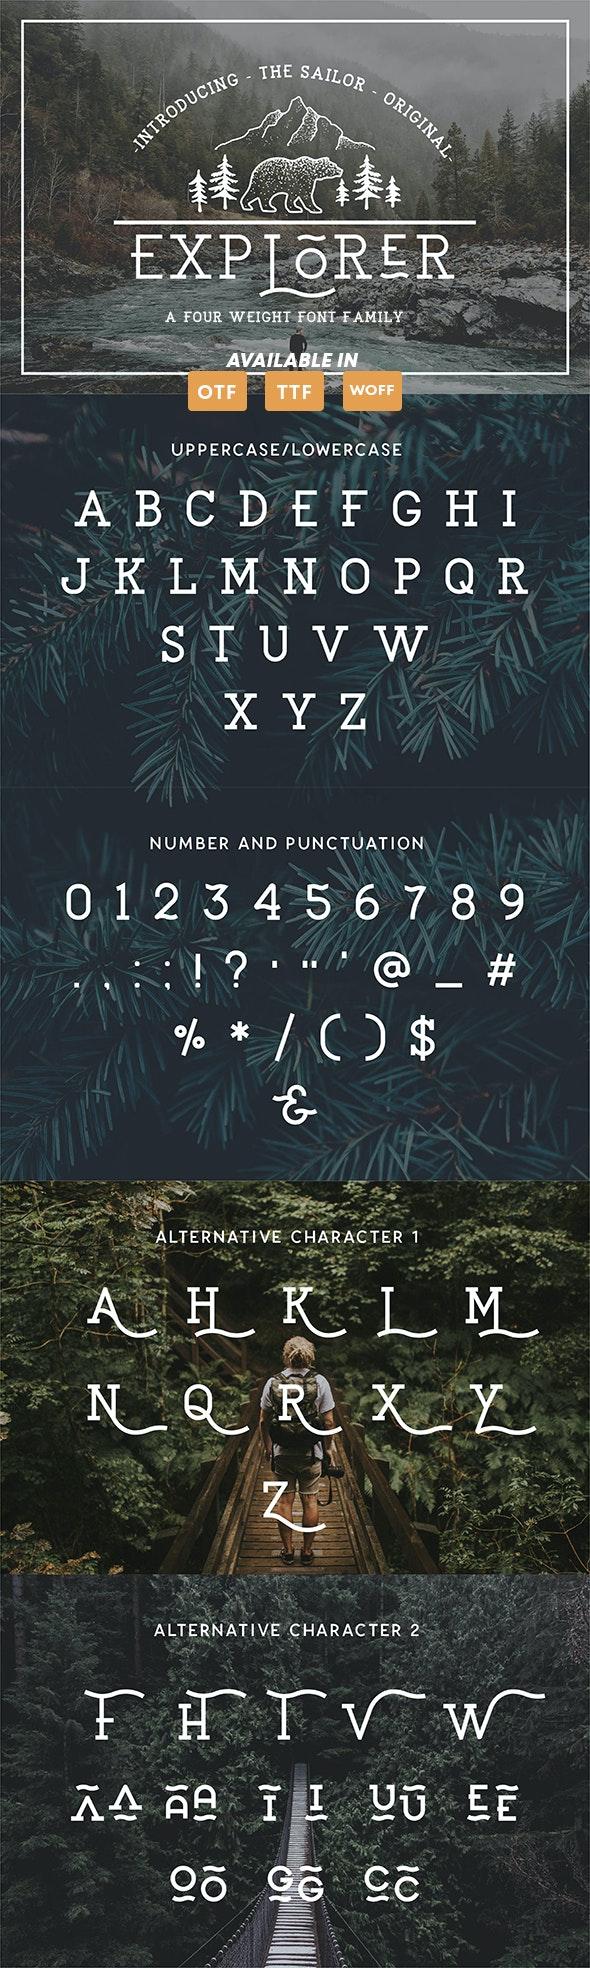 EXPLORER - The Sailor Original Typeface - Sans-Serif Fonts